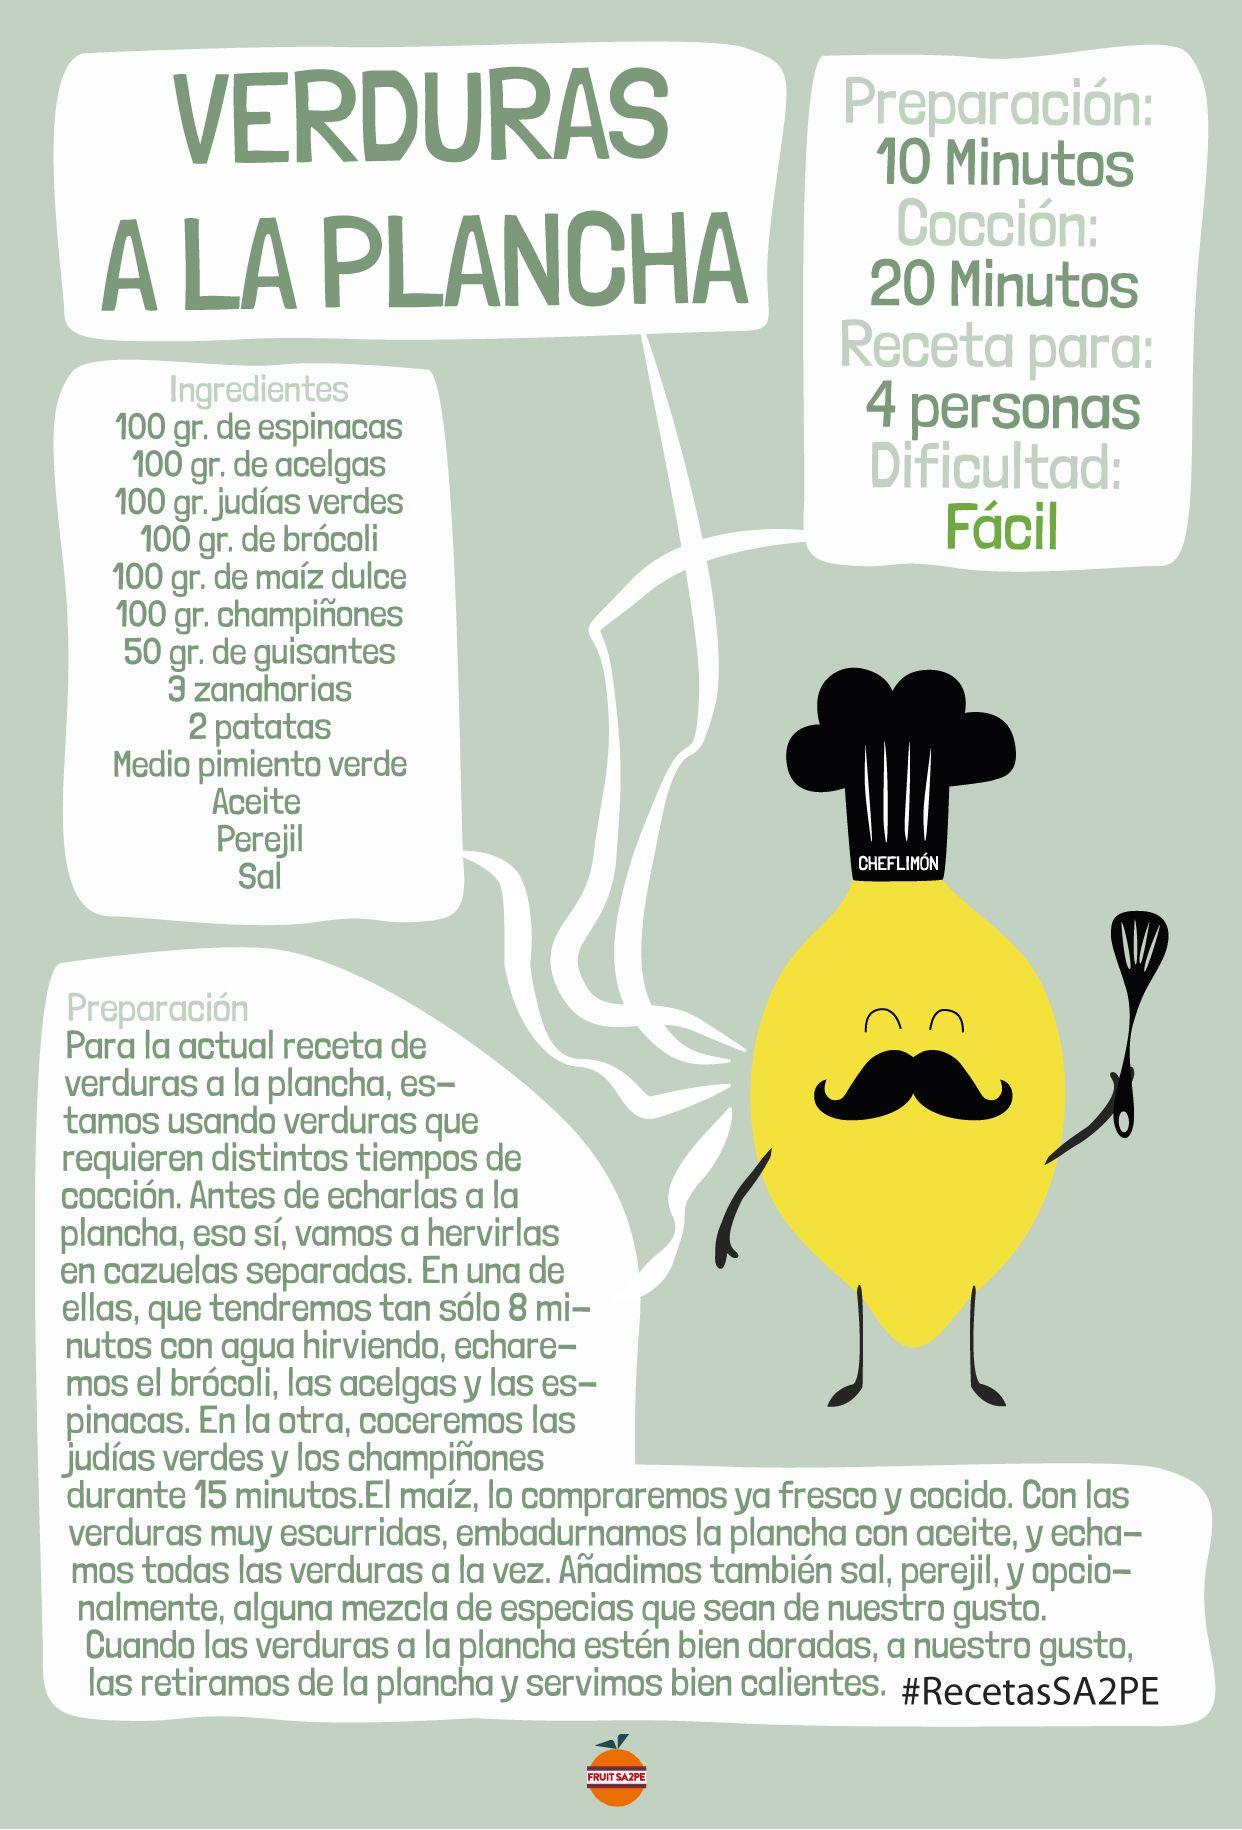 #RecetasSA2PE Chef Limón